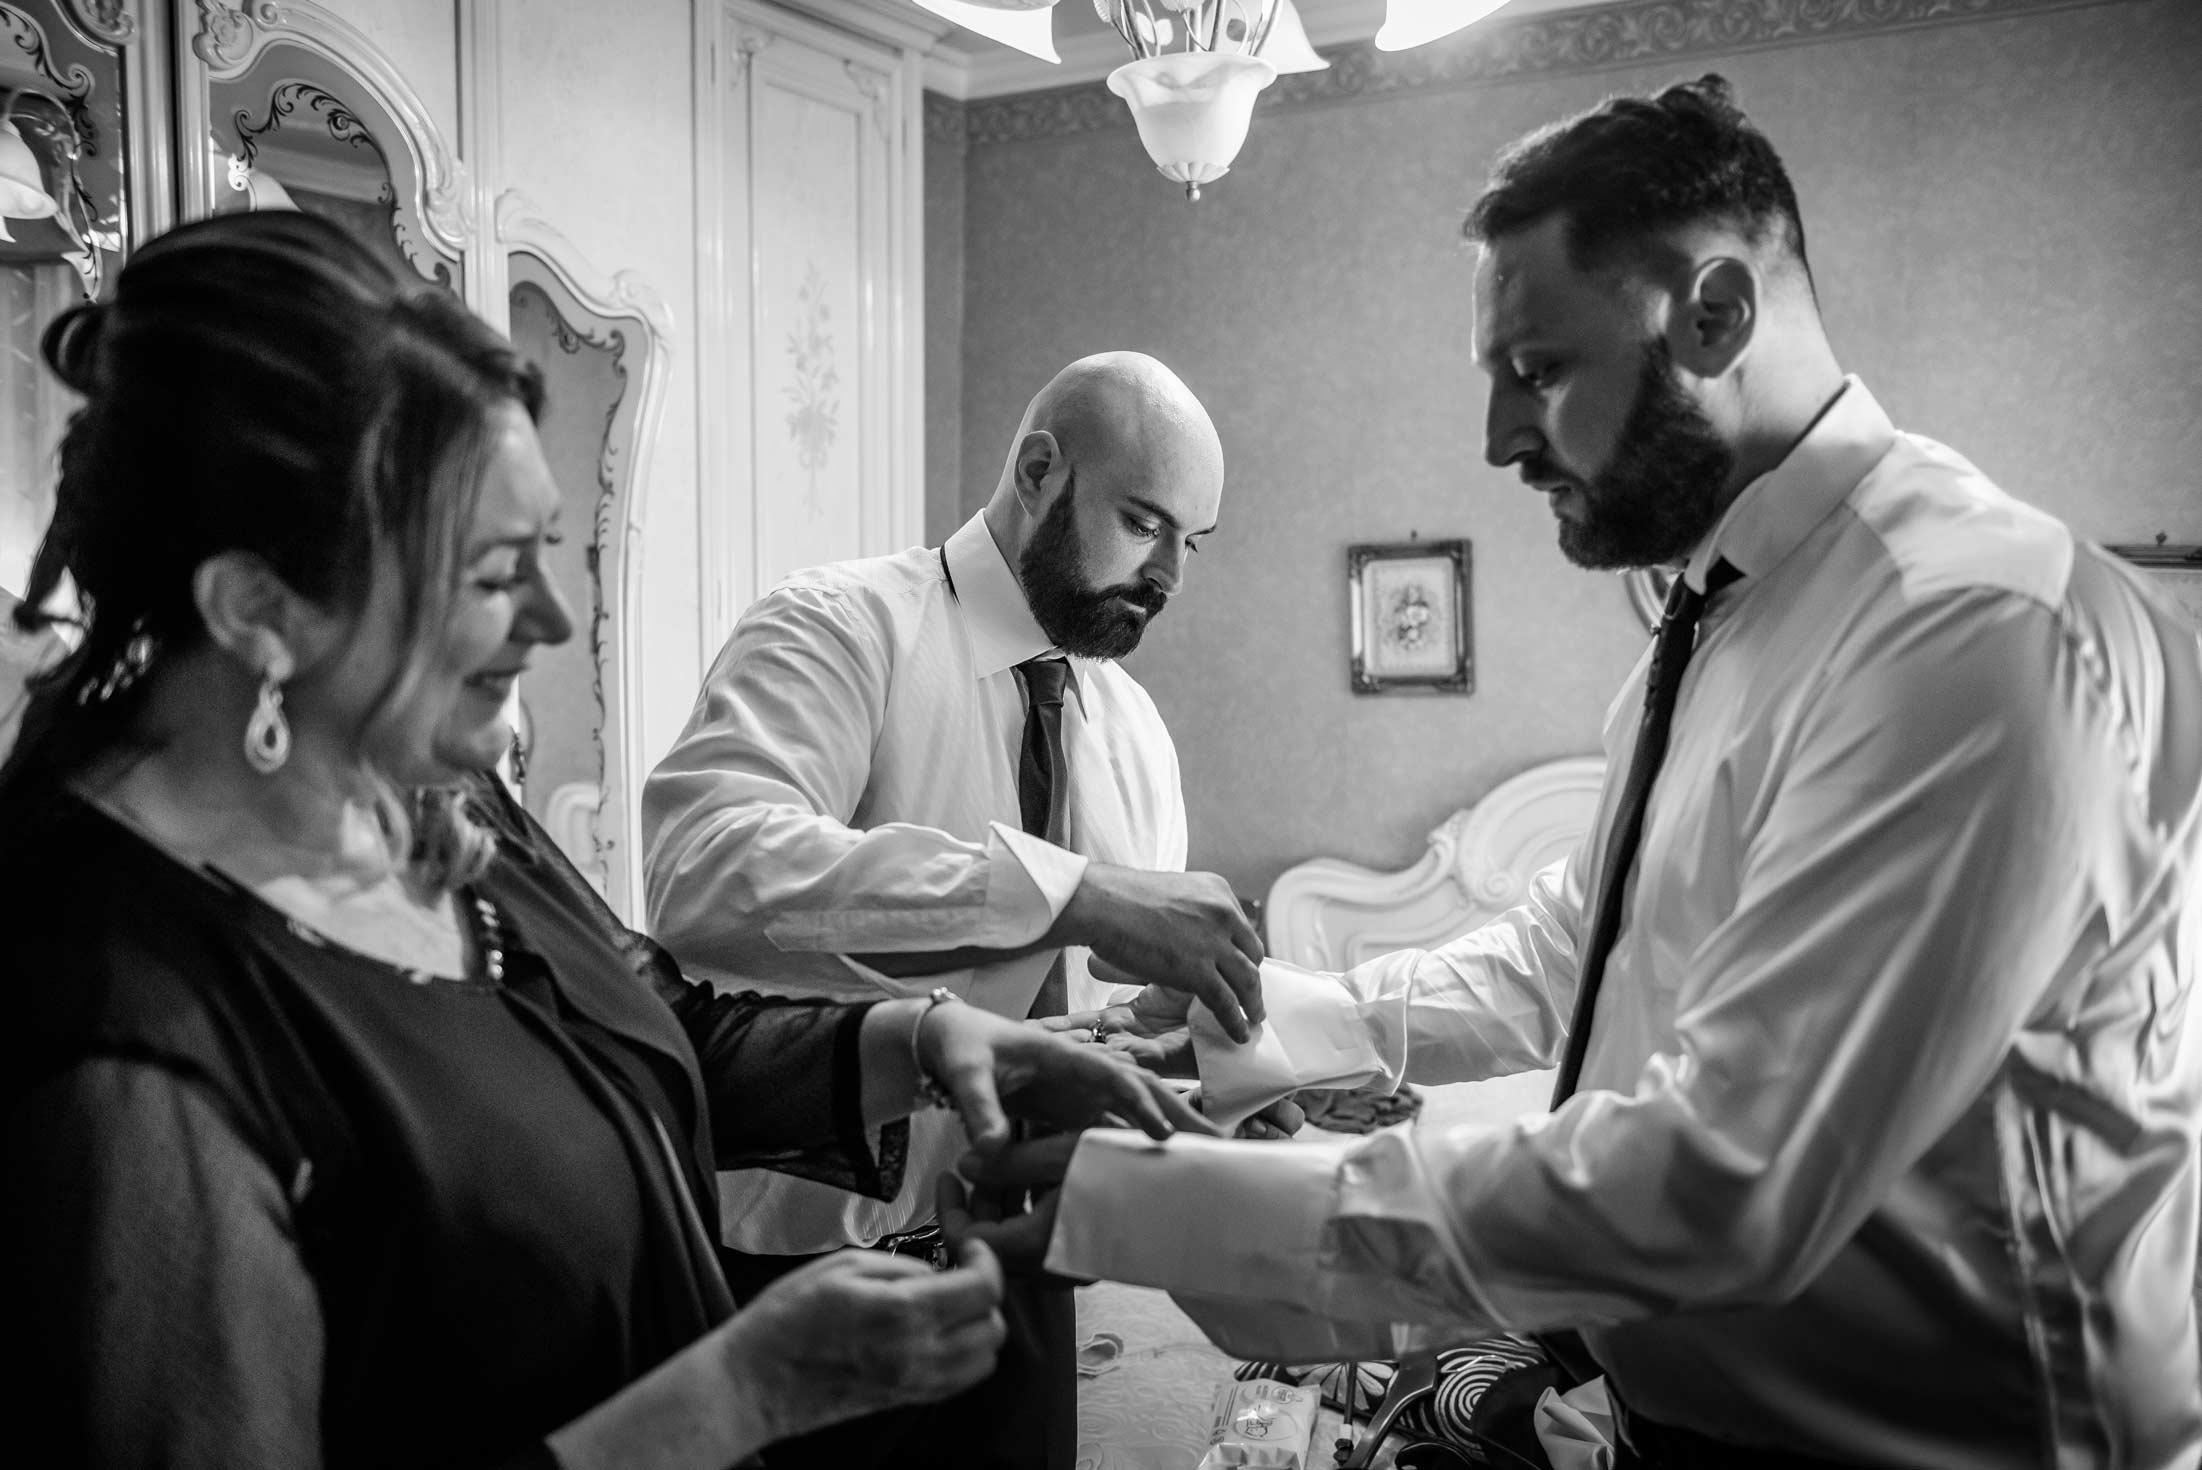 Reportage-Matrimonio-Fotografo-Roma-Preparativi-Sposo